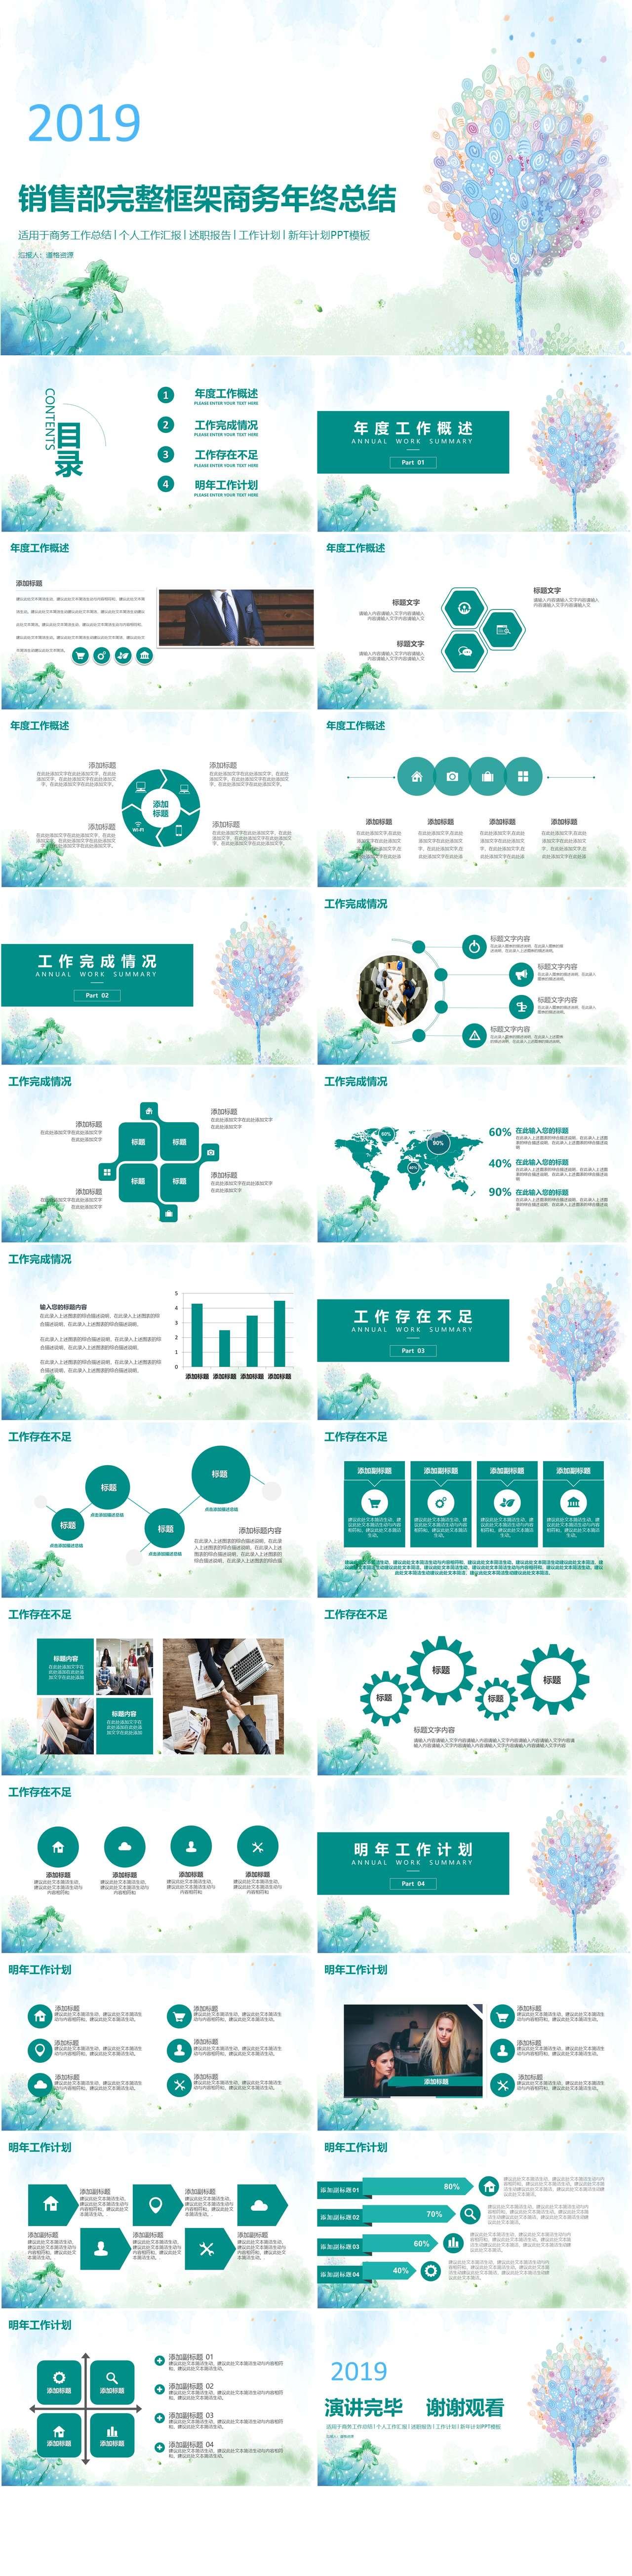 2019销售部完整框架商务年终总结插图1